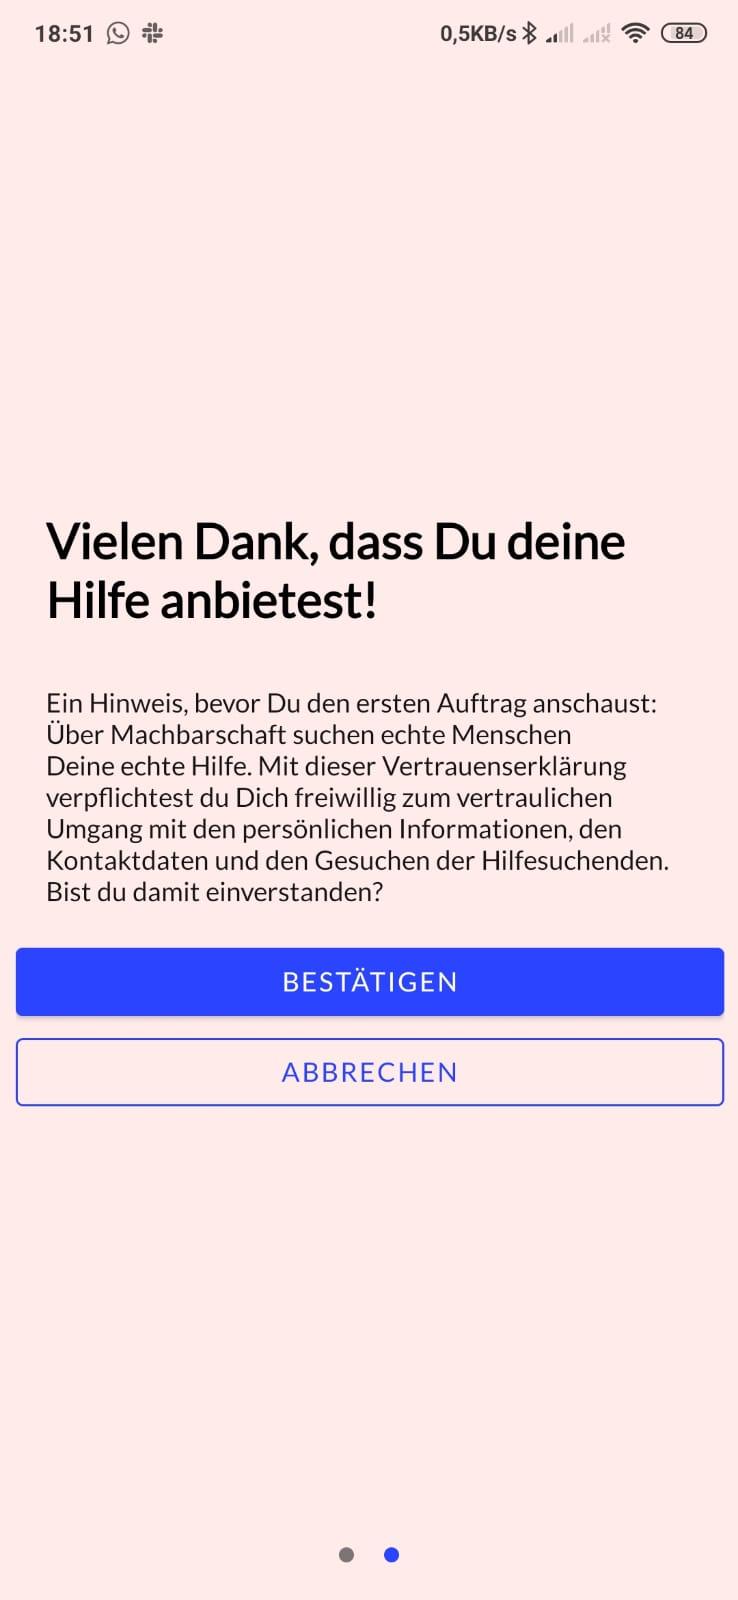 Screenshot der App mit Disclaimer beim ersten Öffnen. Bestätigung der Weiteröeitung der Konktaktdaten zur Vermittlung von Nachbarschaftshilfe